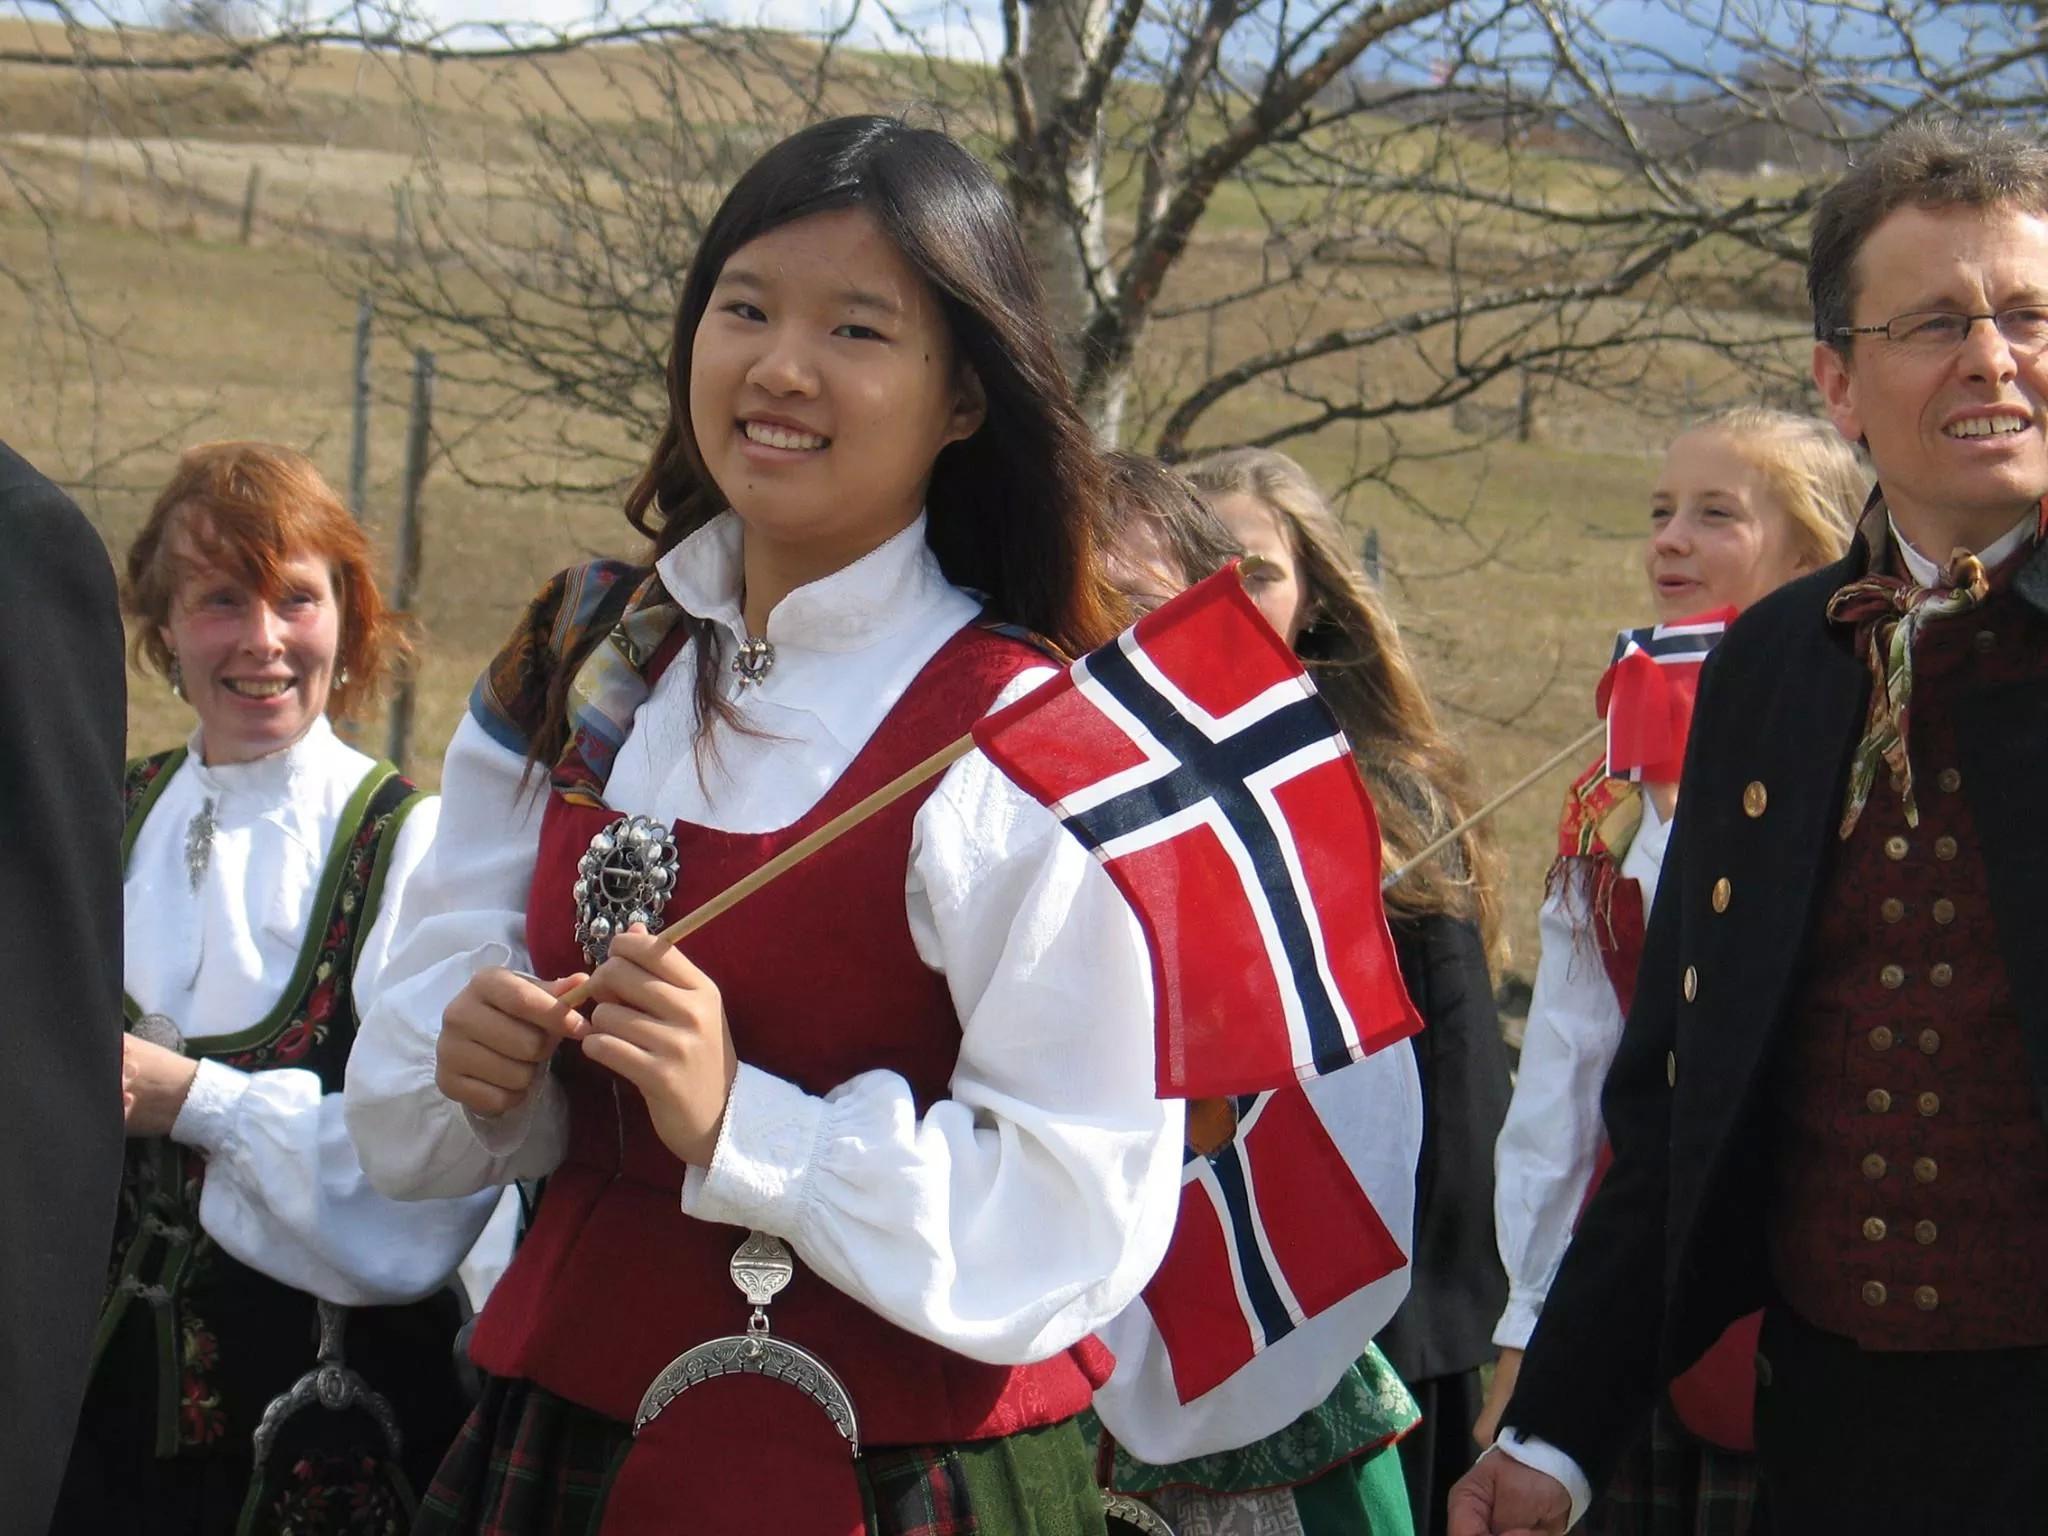 Utvekslingsstudent i Norge feirer 17. mai